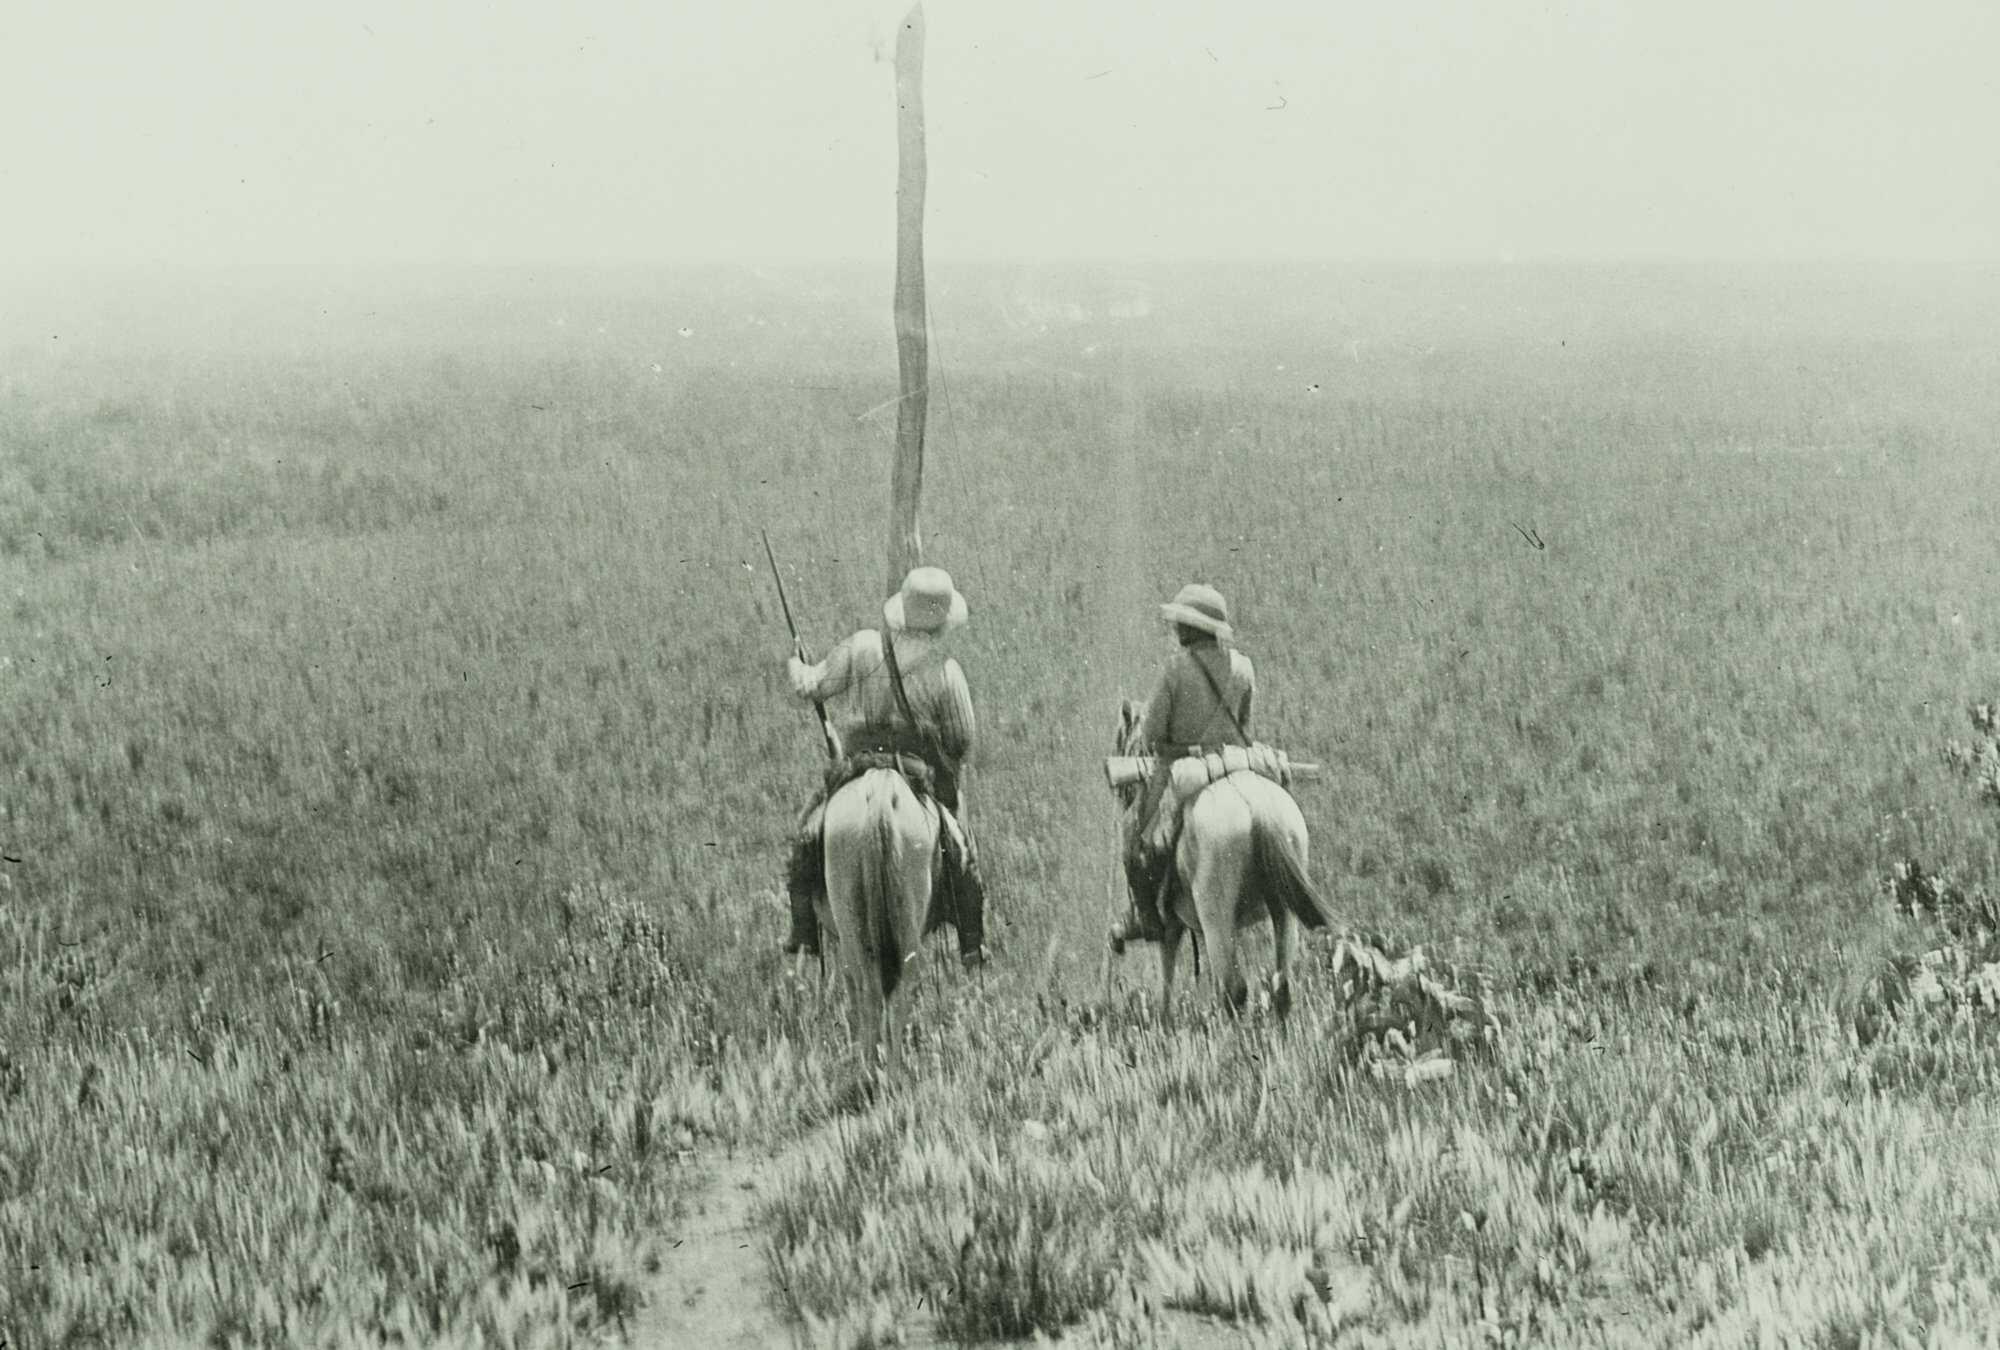 Amazon-Diary-4-horses-2-ROD_10390_AS_M_V2_LOC.jpg